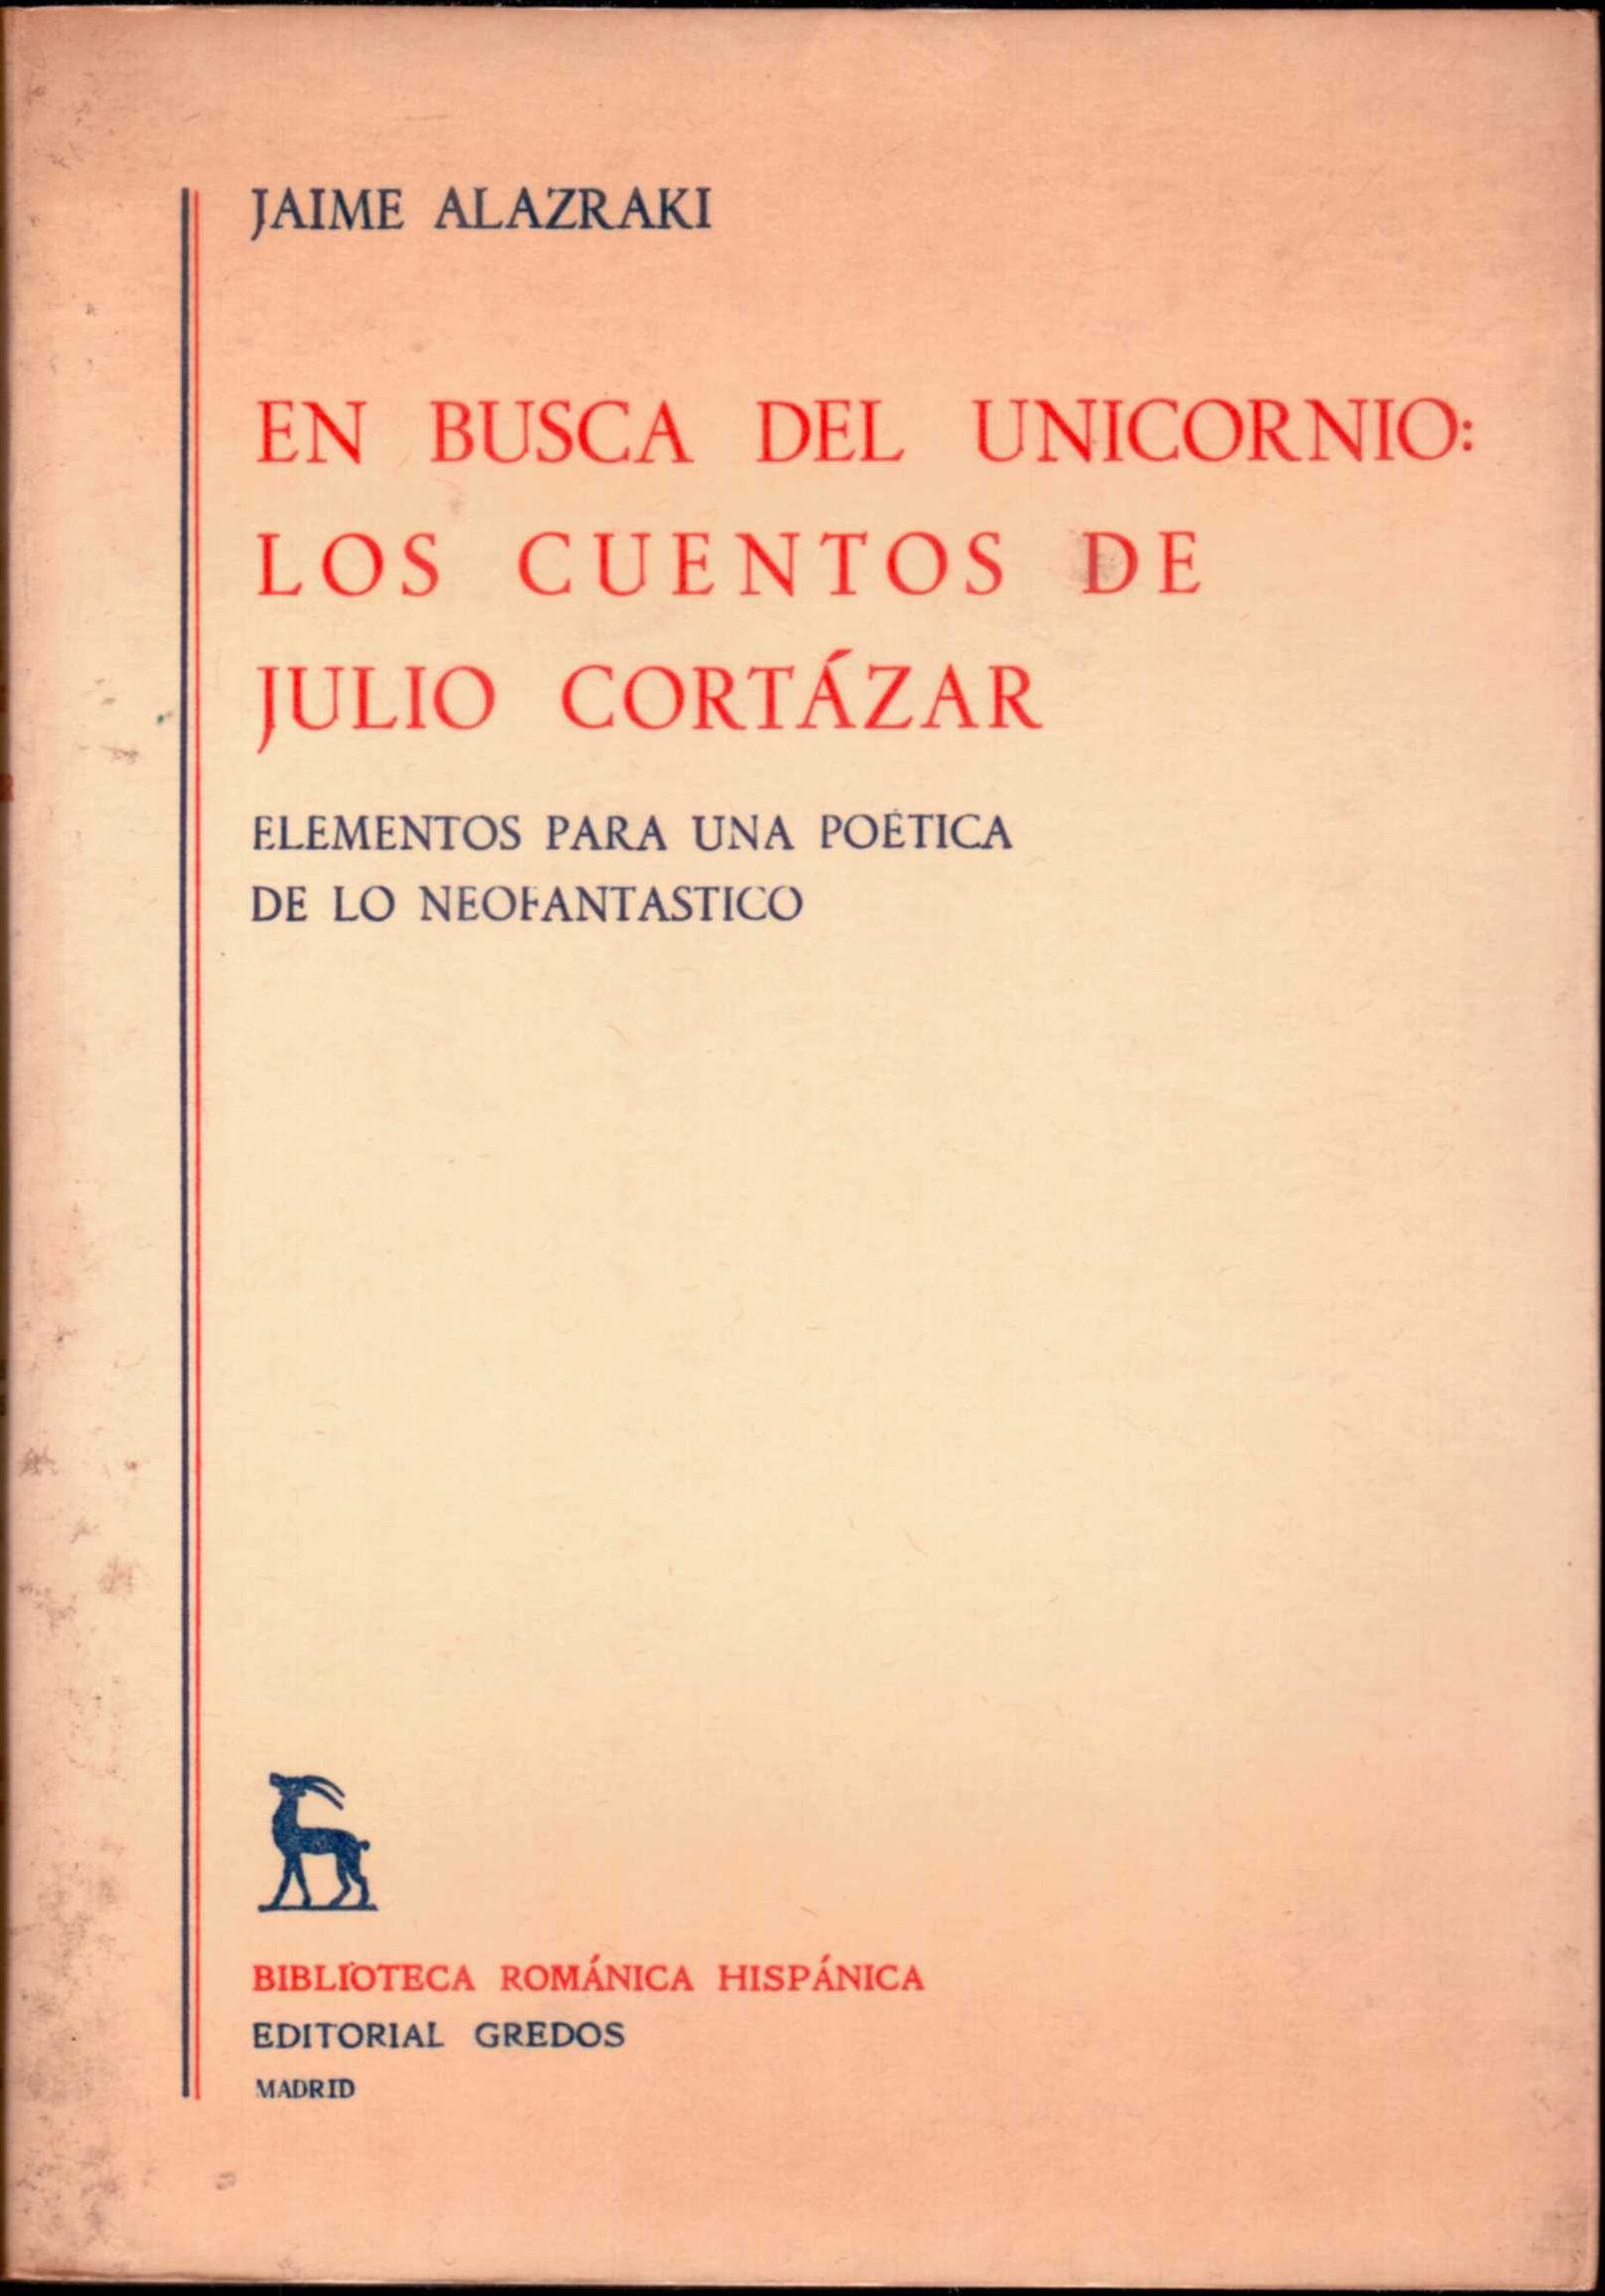 En busca del unicornio: los cuentos de Julio Cortázar